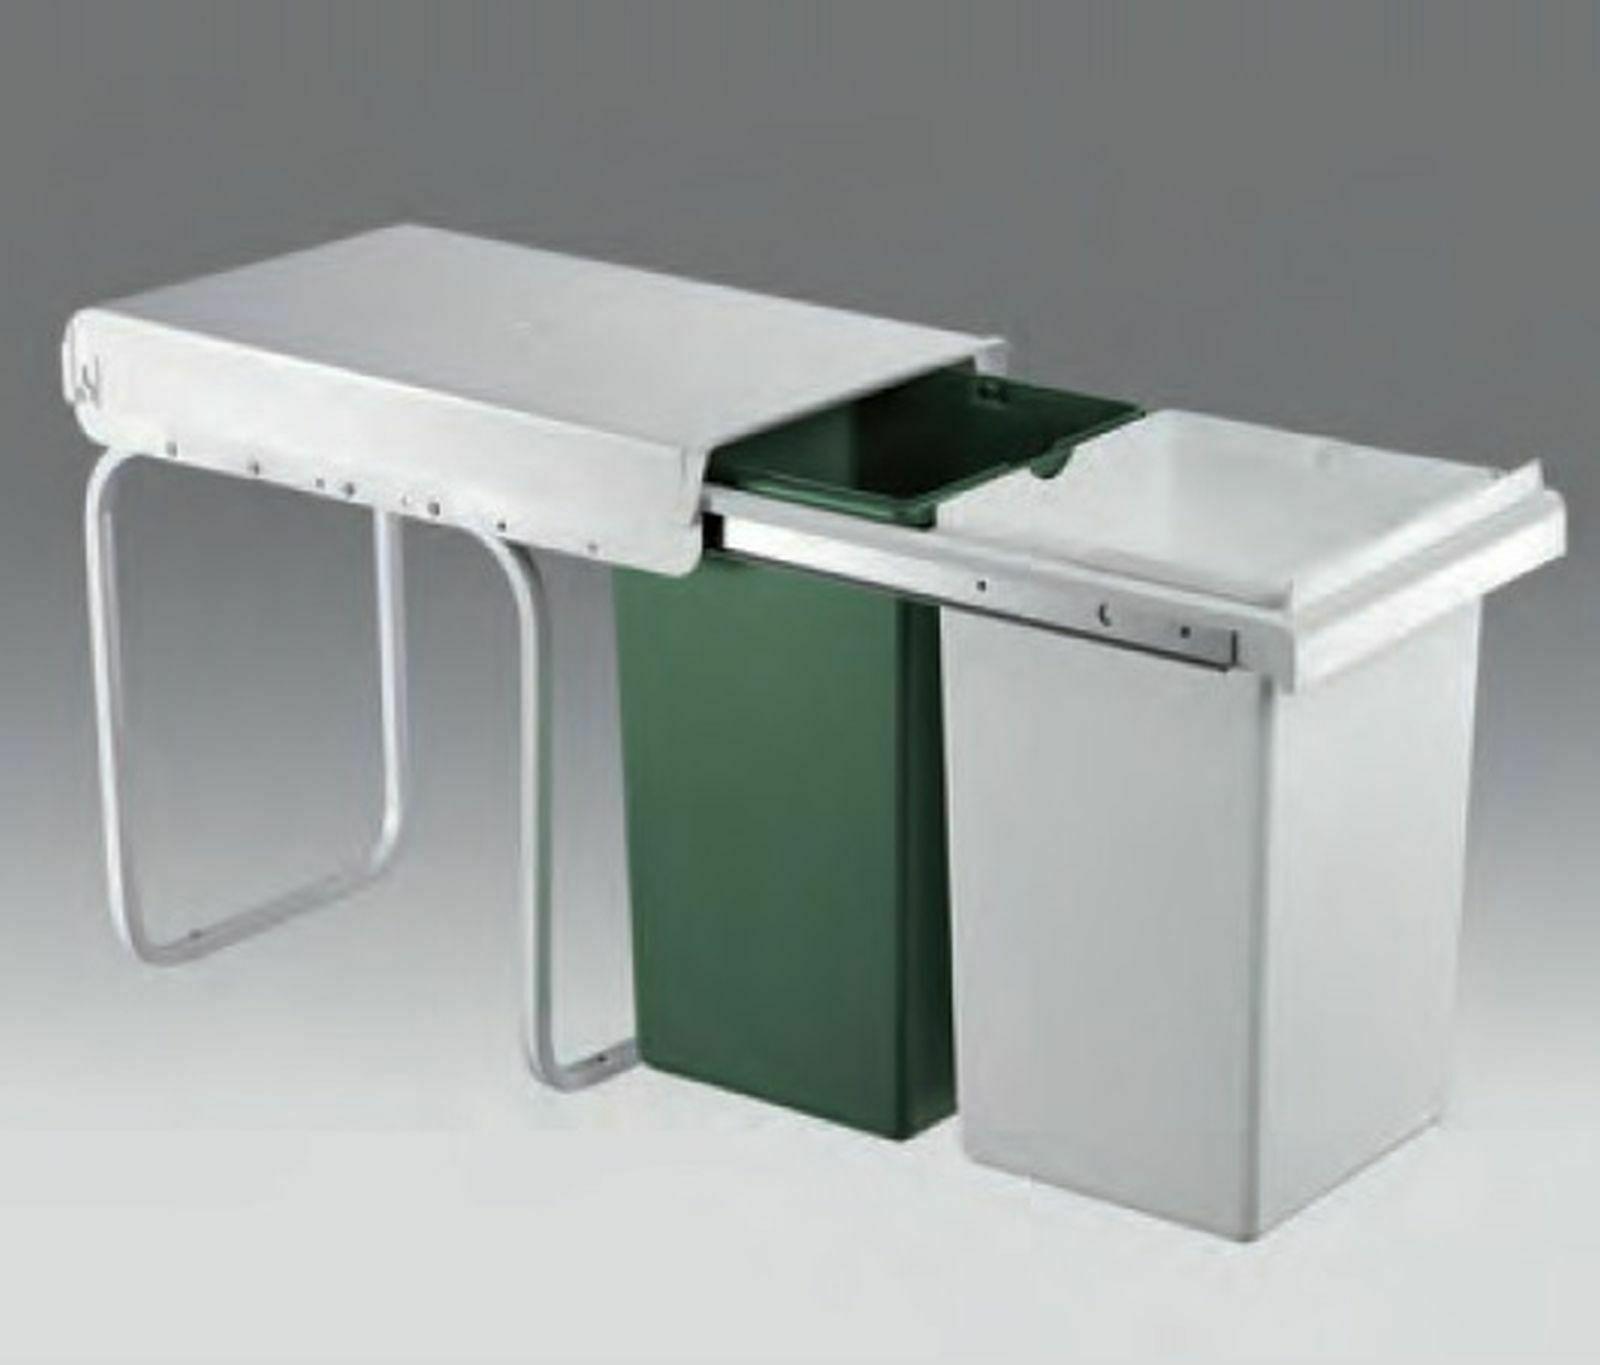 Mülleimer Küche Wesco Mülltrennung Müllsystem 2x15 Liter Einbau Schrank  *502899